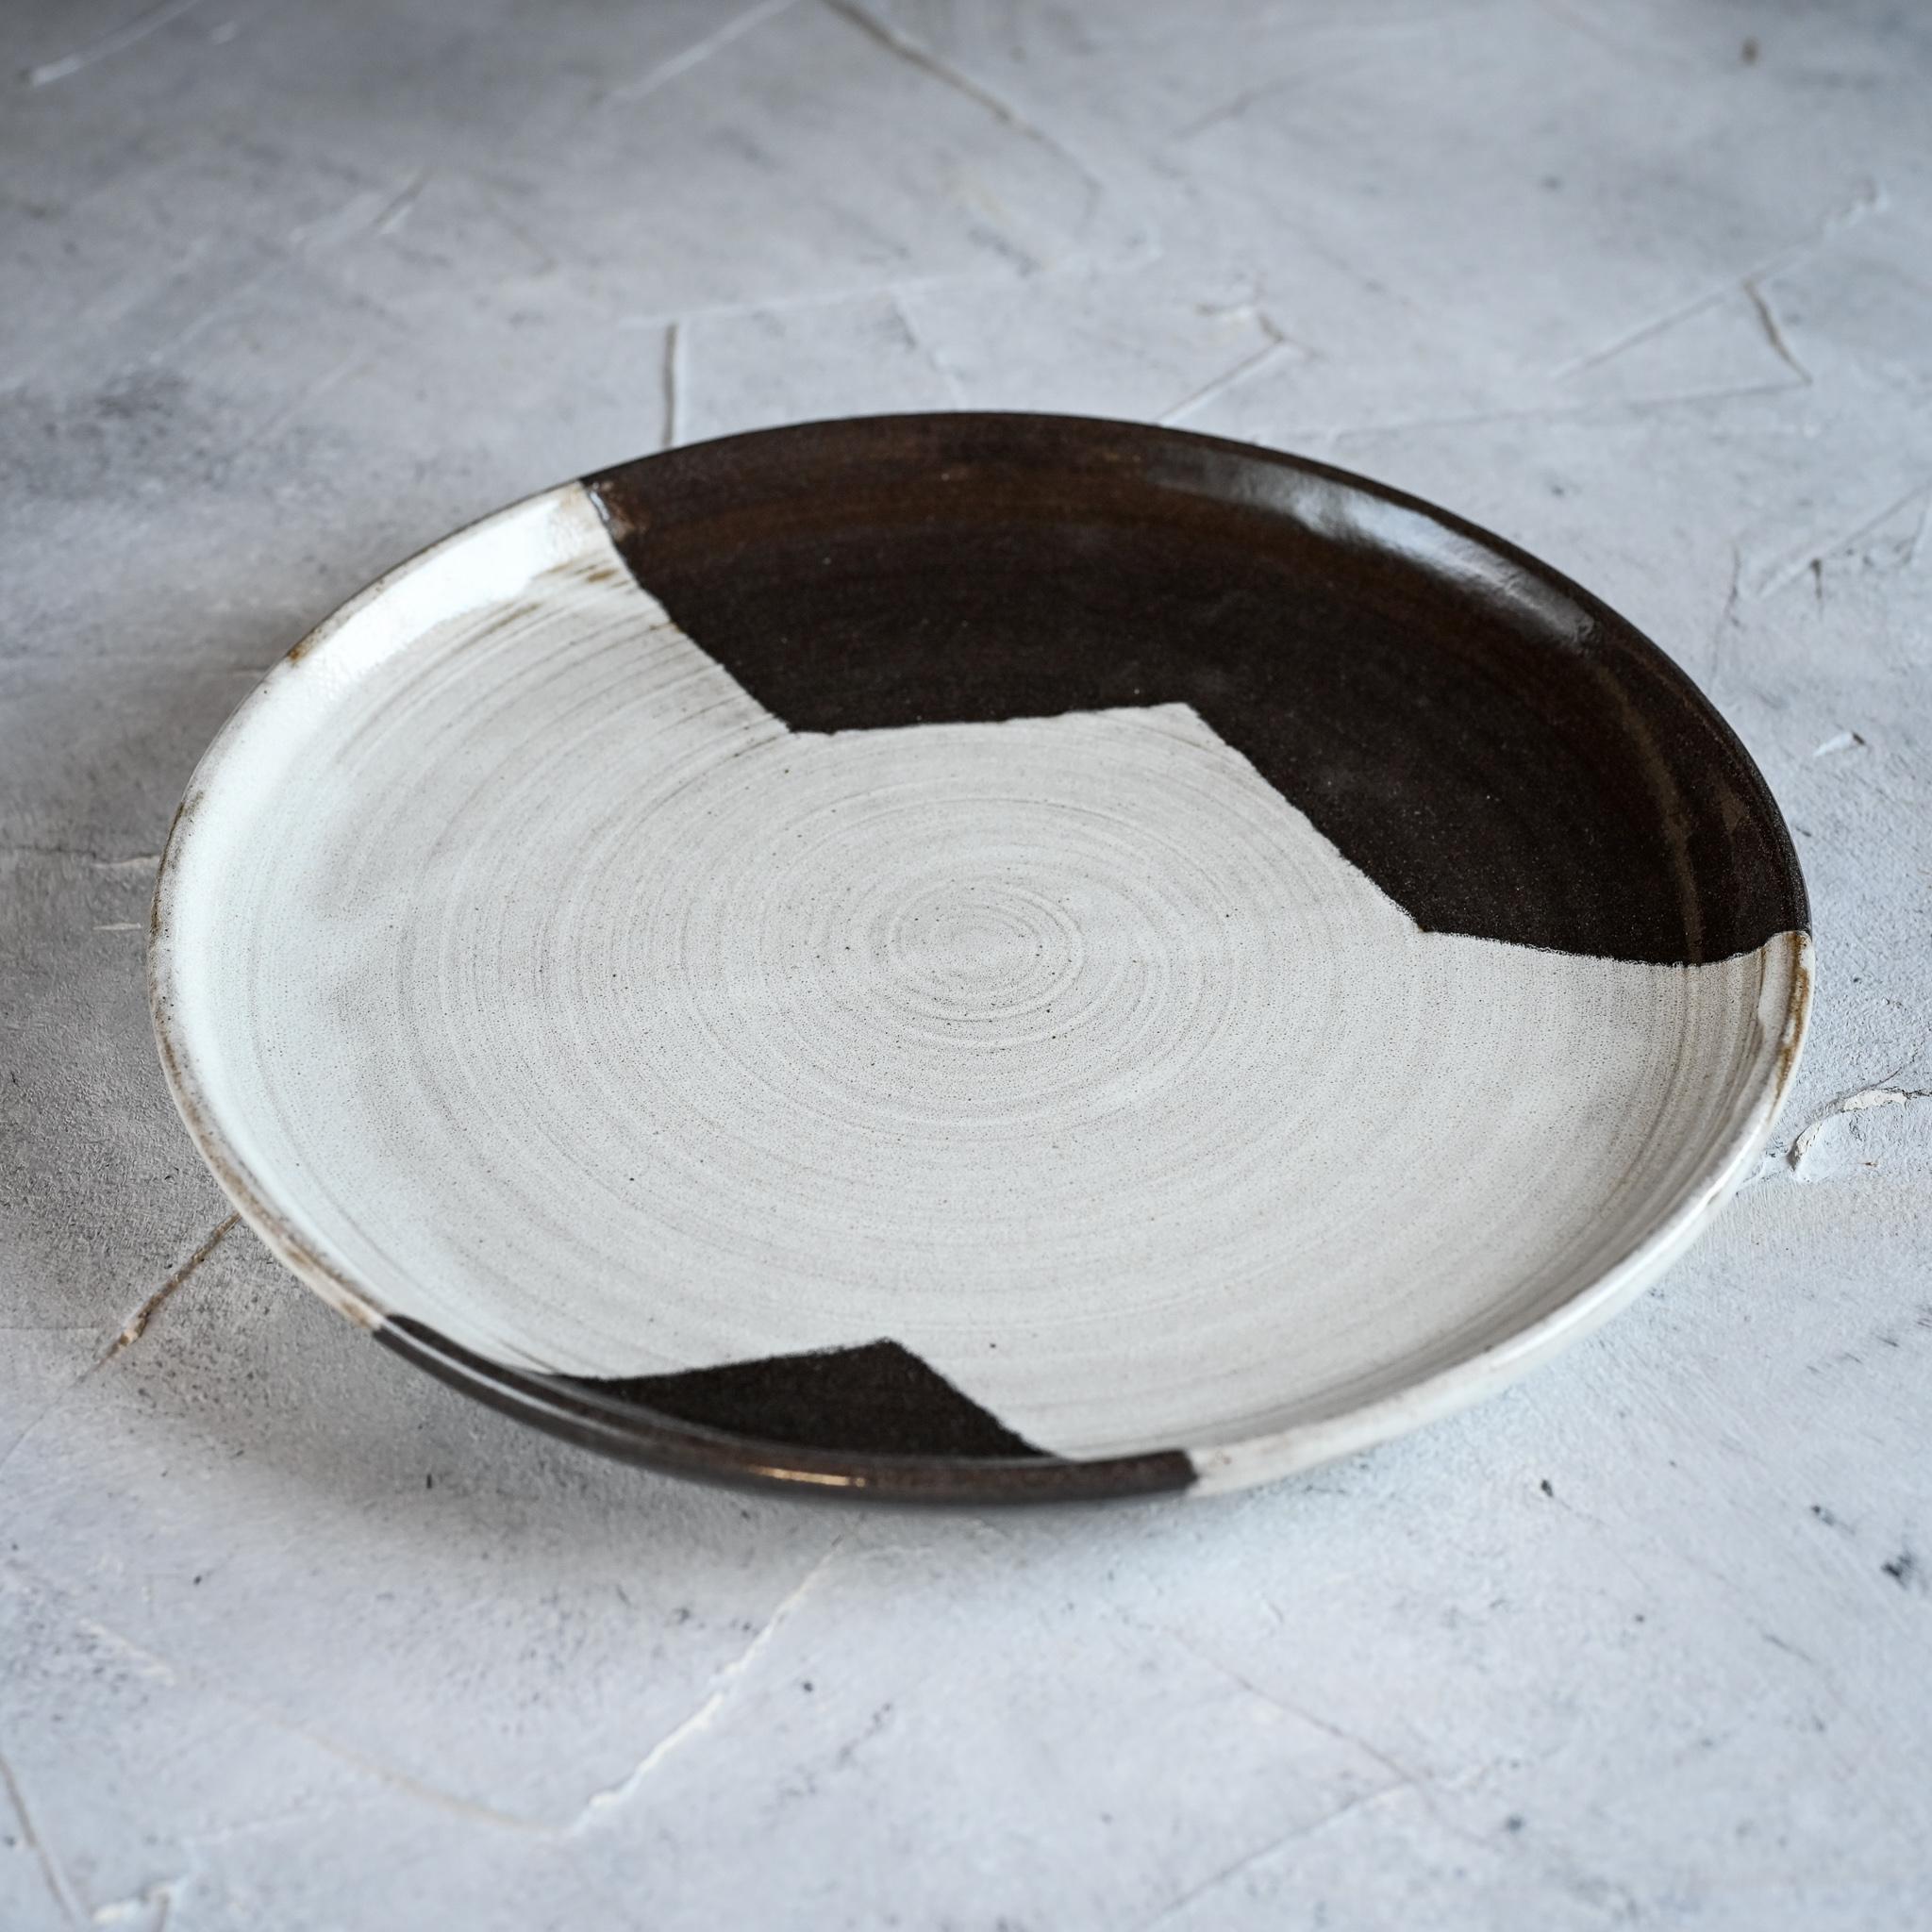 """картинка Тарелка из серии """"Минимализм"""" 2 - DishWishes.Ru"""